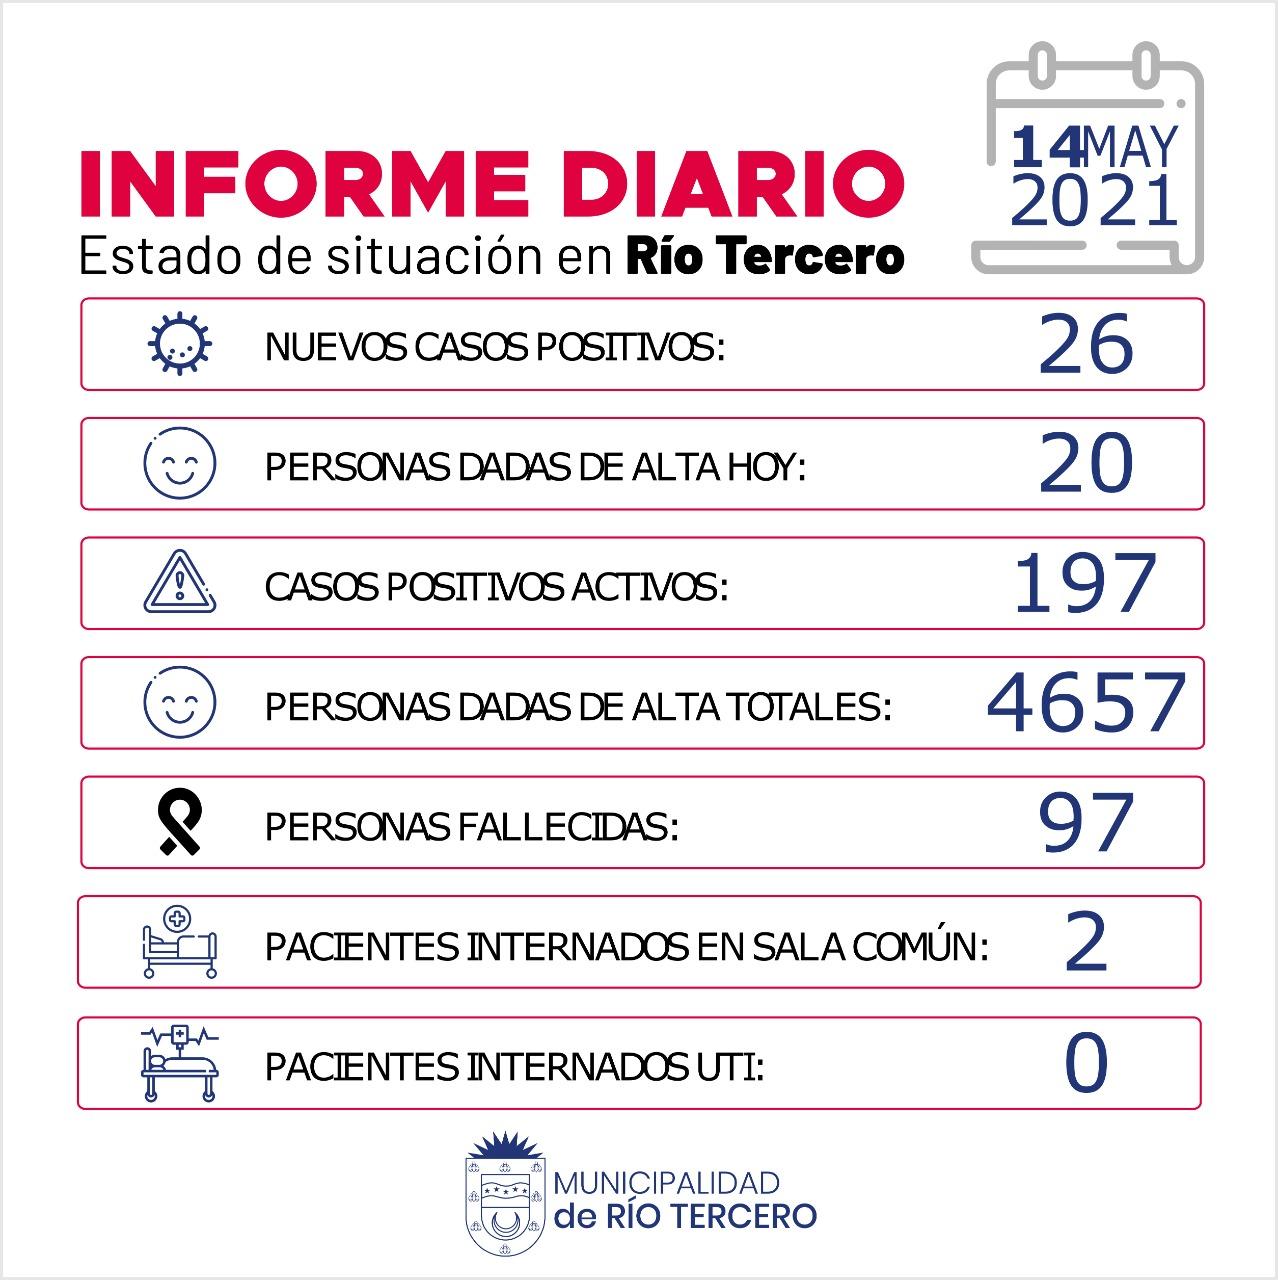 RÍO TERCERO TIENE 197 CASOS ACTIVOS: HOY SE REGISTRARON 26 NUEVOS CASOS POSITIVOS